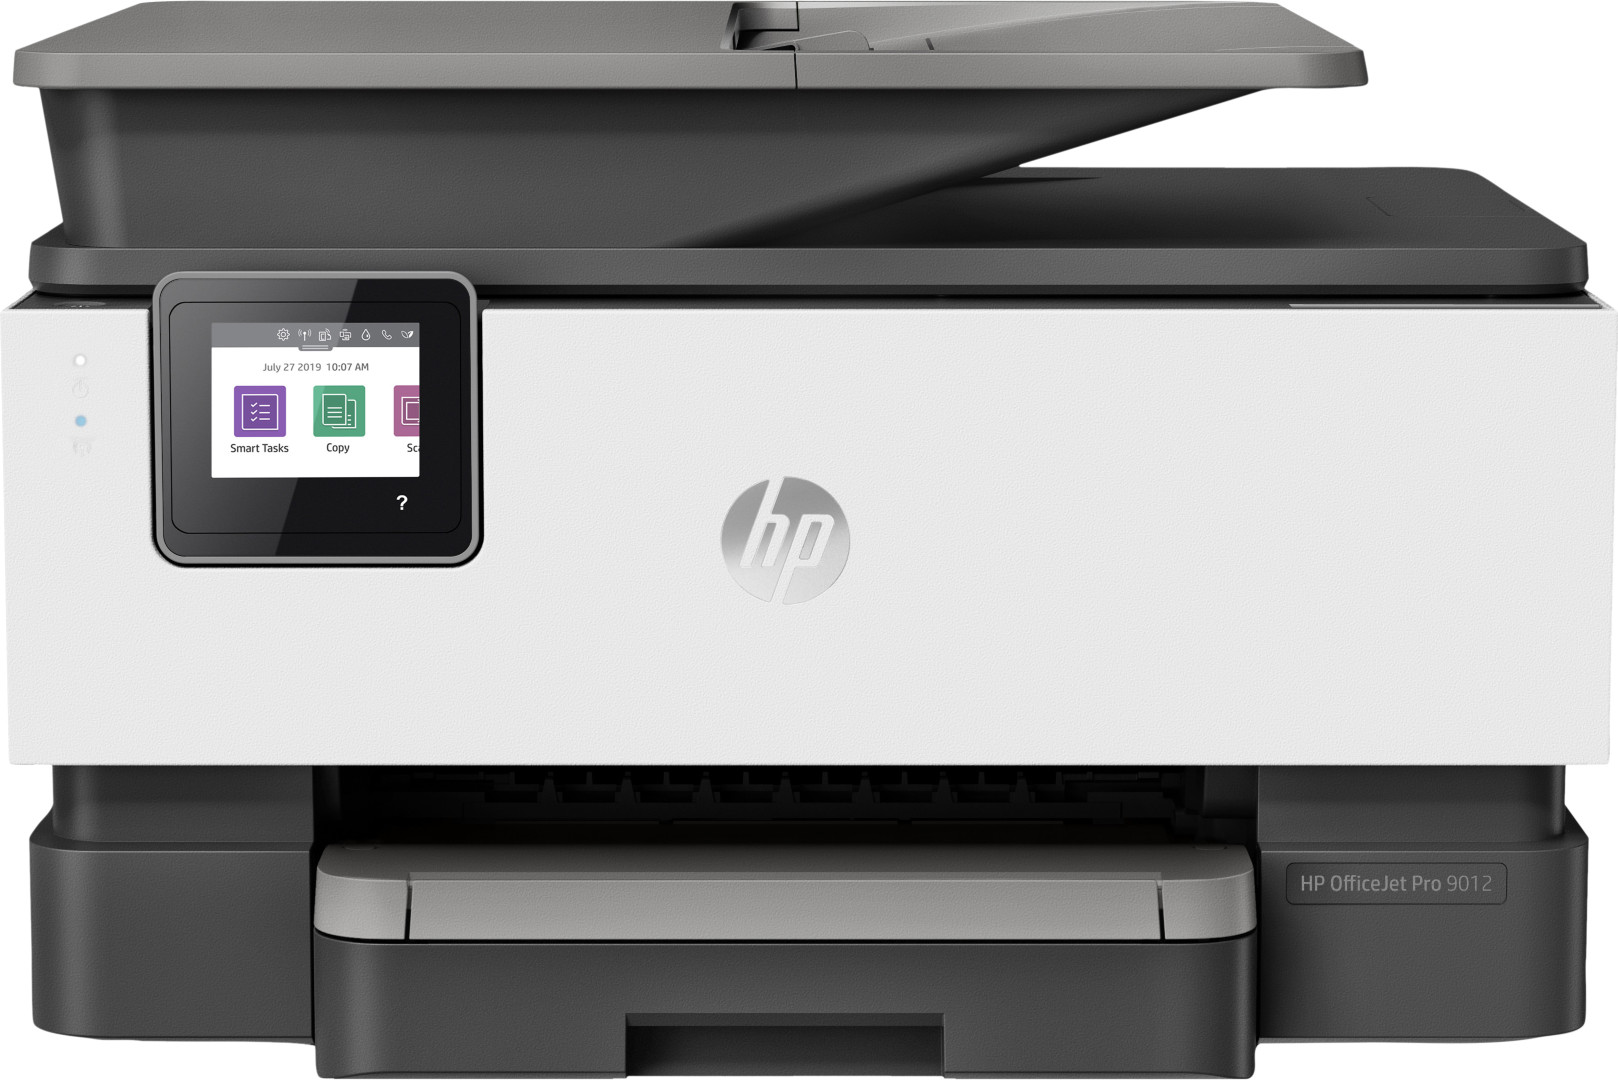 HP OfficeJet Pro 9012.